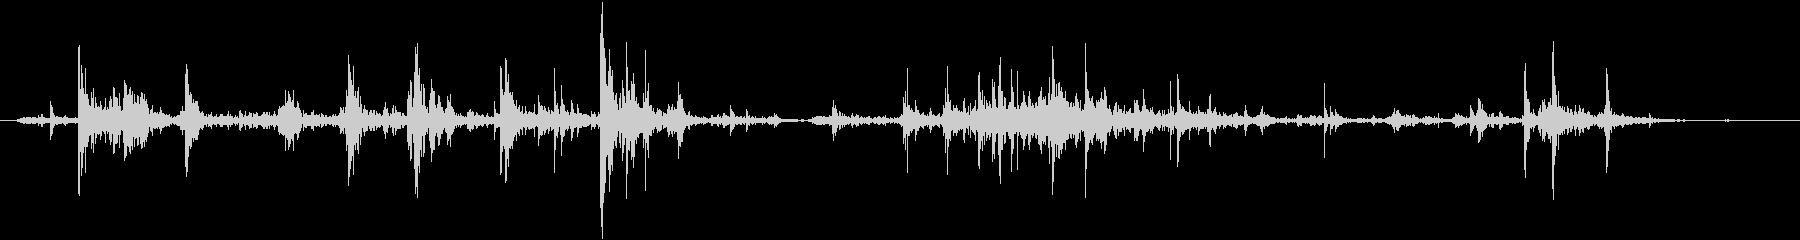 机や棚などをガサゴソ探す効果音 01の未再生の波形